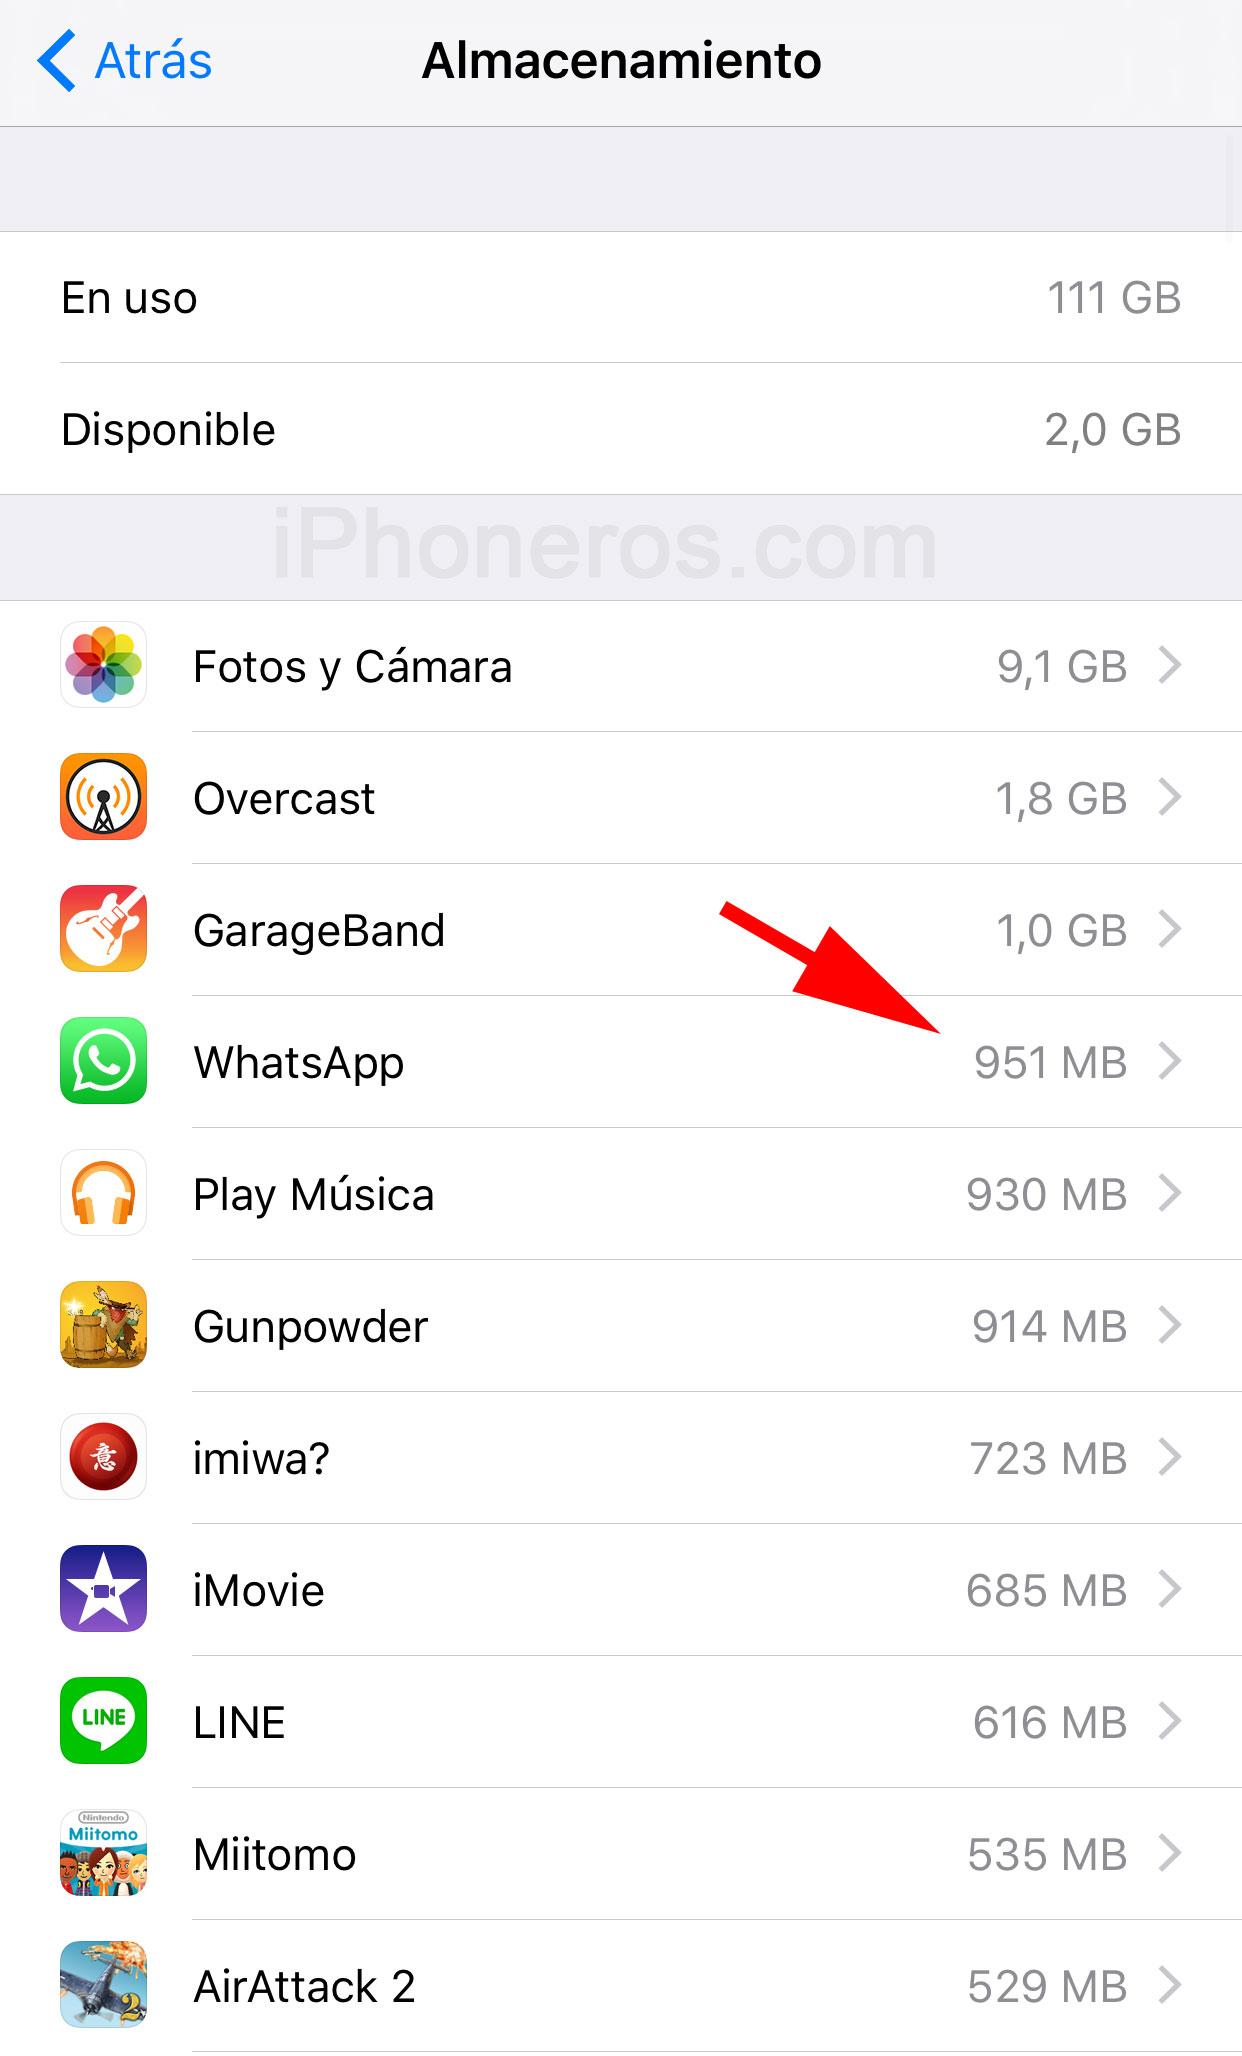 Espacio de almacenamiento utilizado en el iPhone